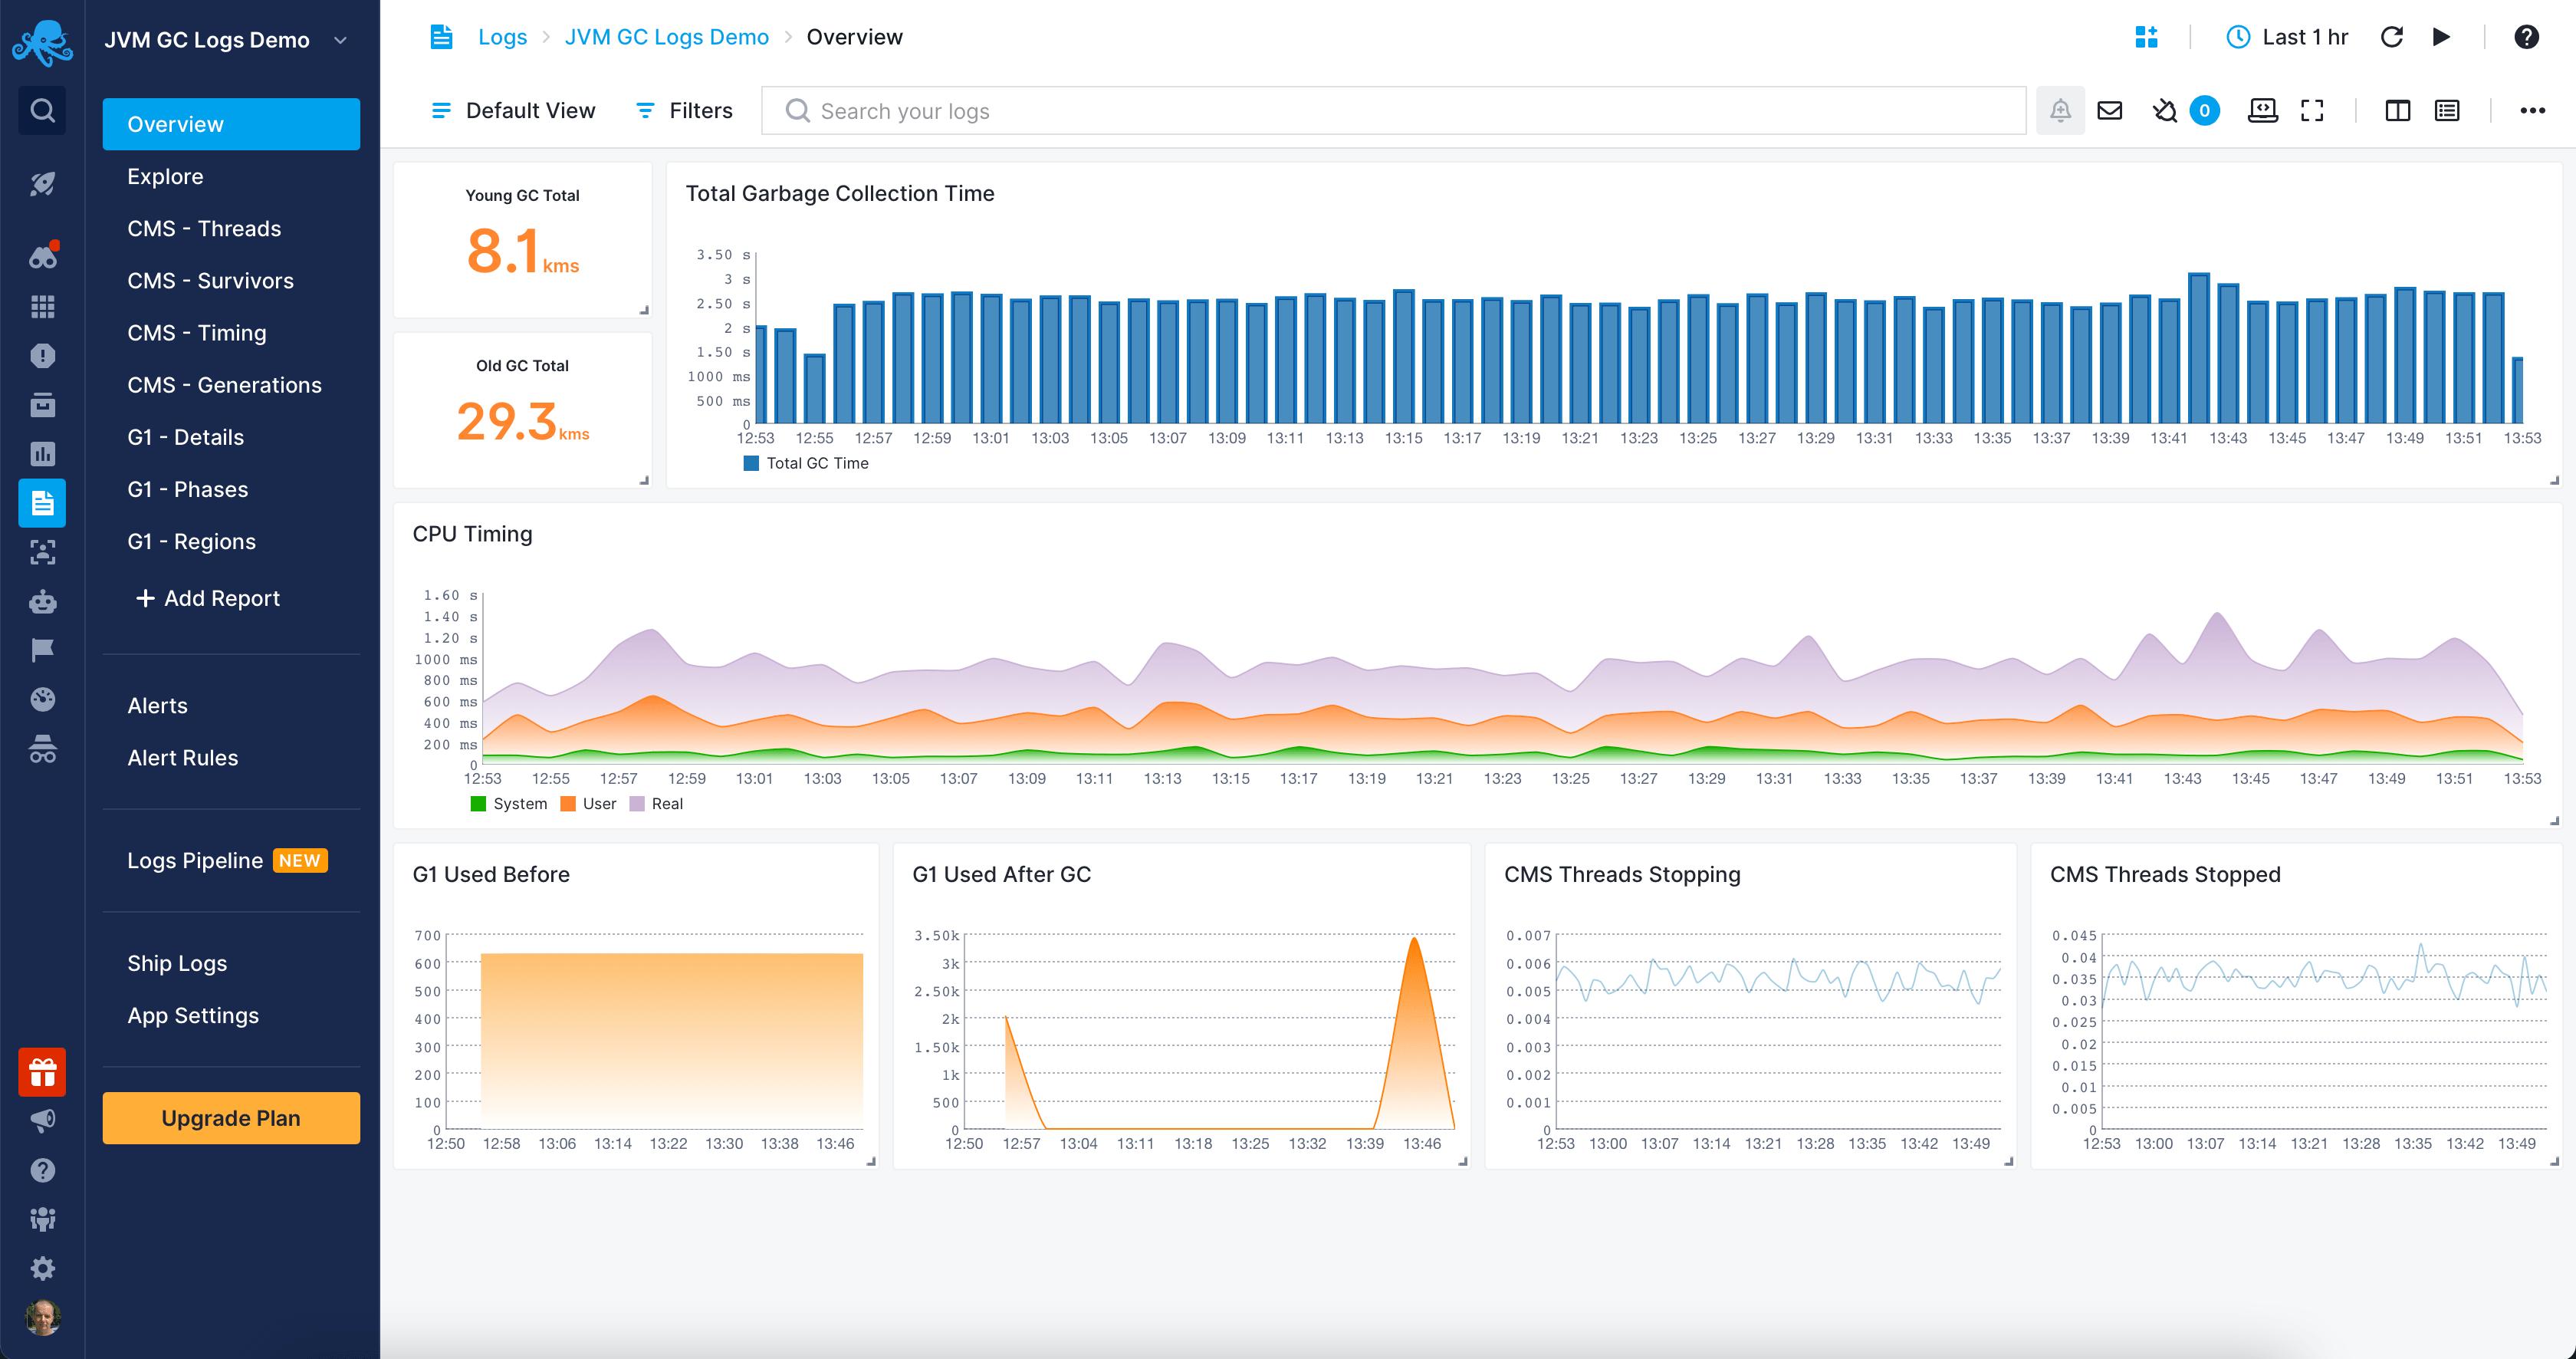 JVM GC Overview